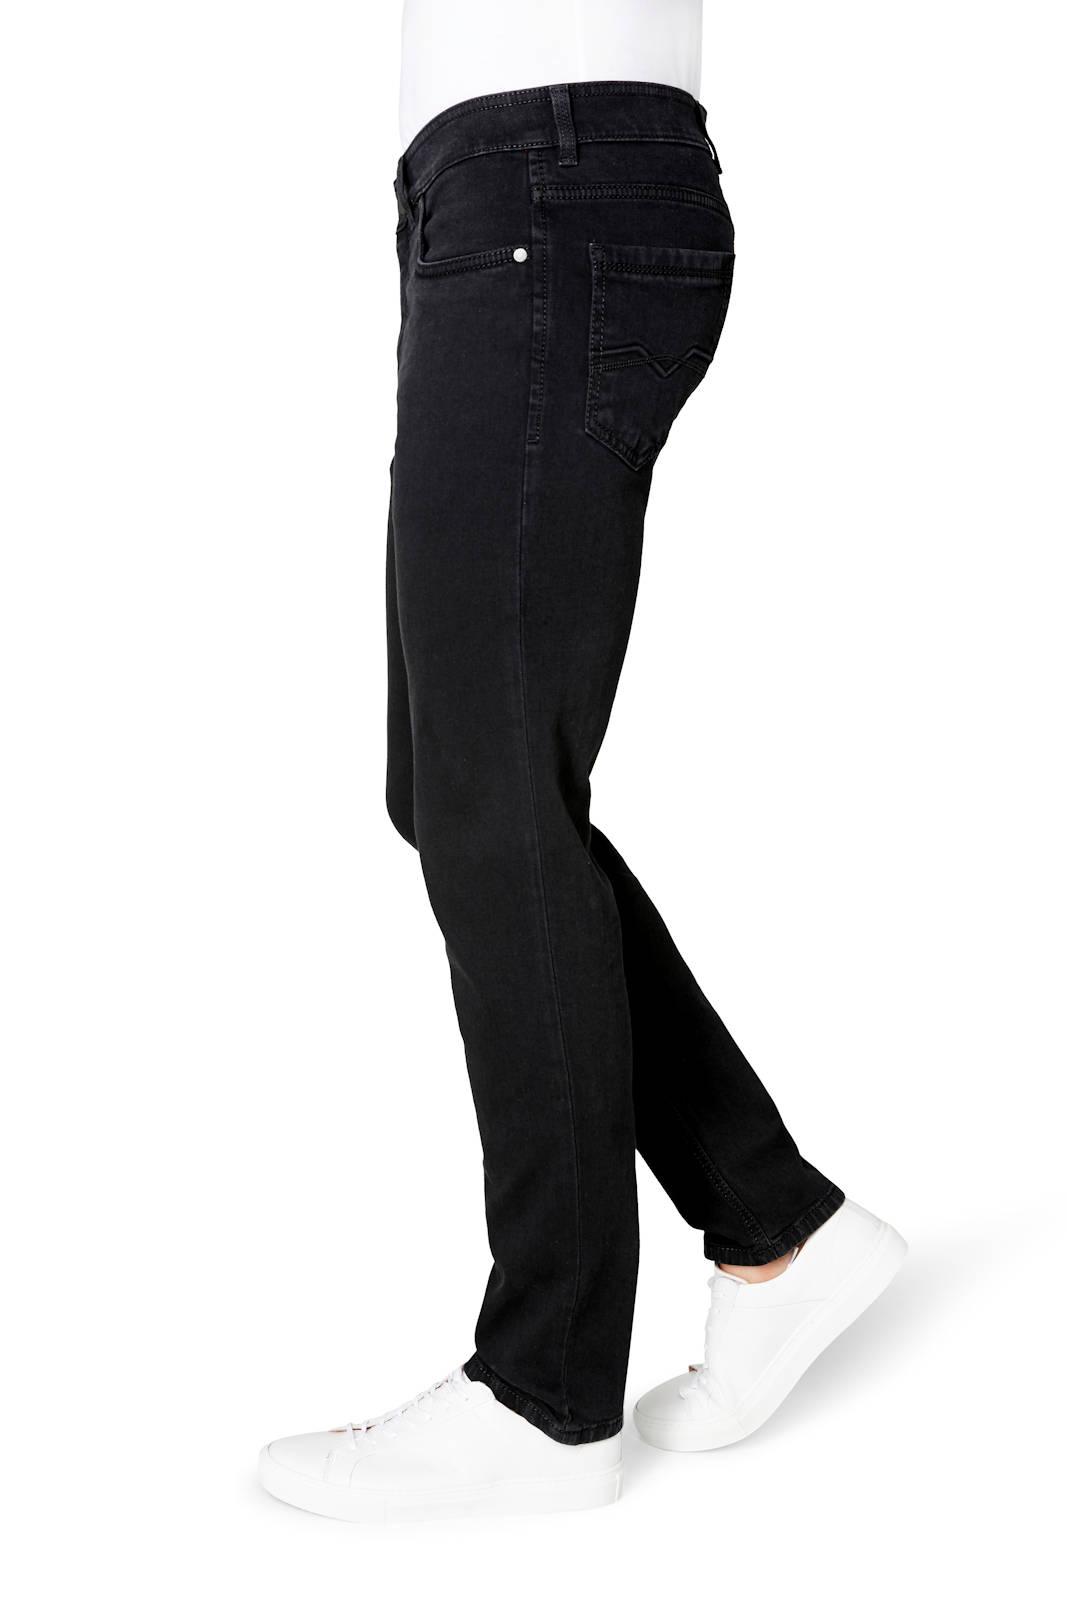 Atelier-GARDEUR-Jeans-BATU-2-Modern-Fit-Herren-Hose-Slim-Leg-Denim-NEU Indexbild 14